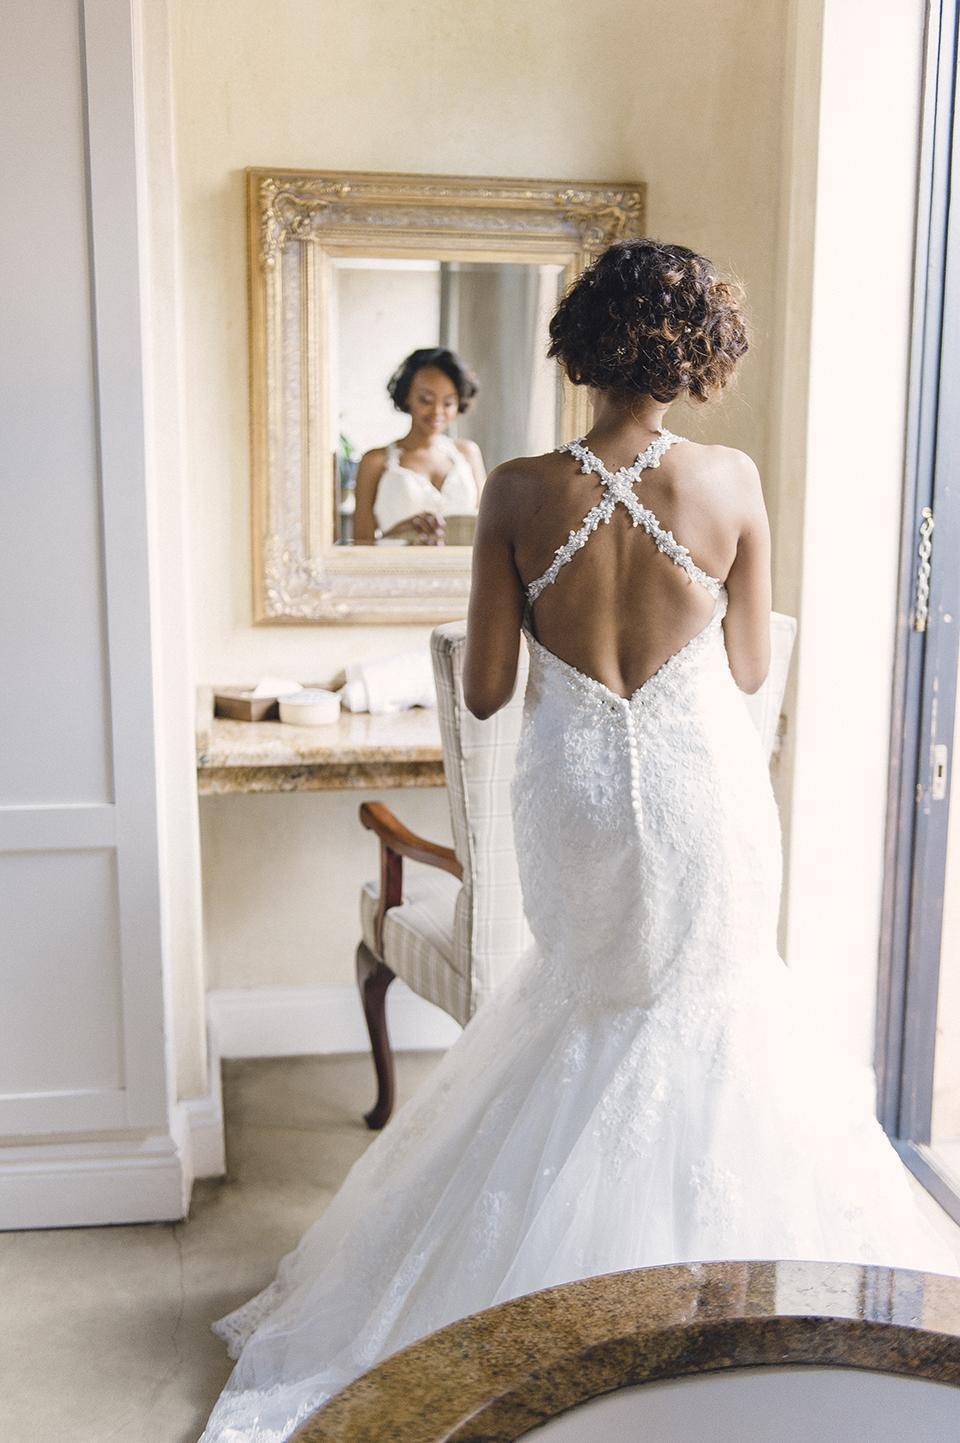 RyanParker_WeddingPhotographer_FineArt_CapeTown_Johannesburg_Hermanus_Avianto_T&L_DSC_8909.jpg